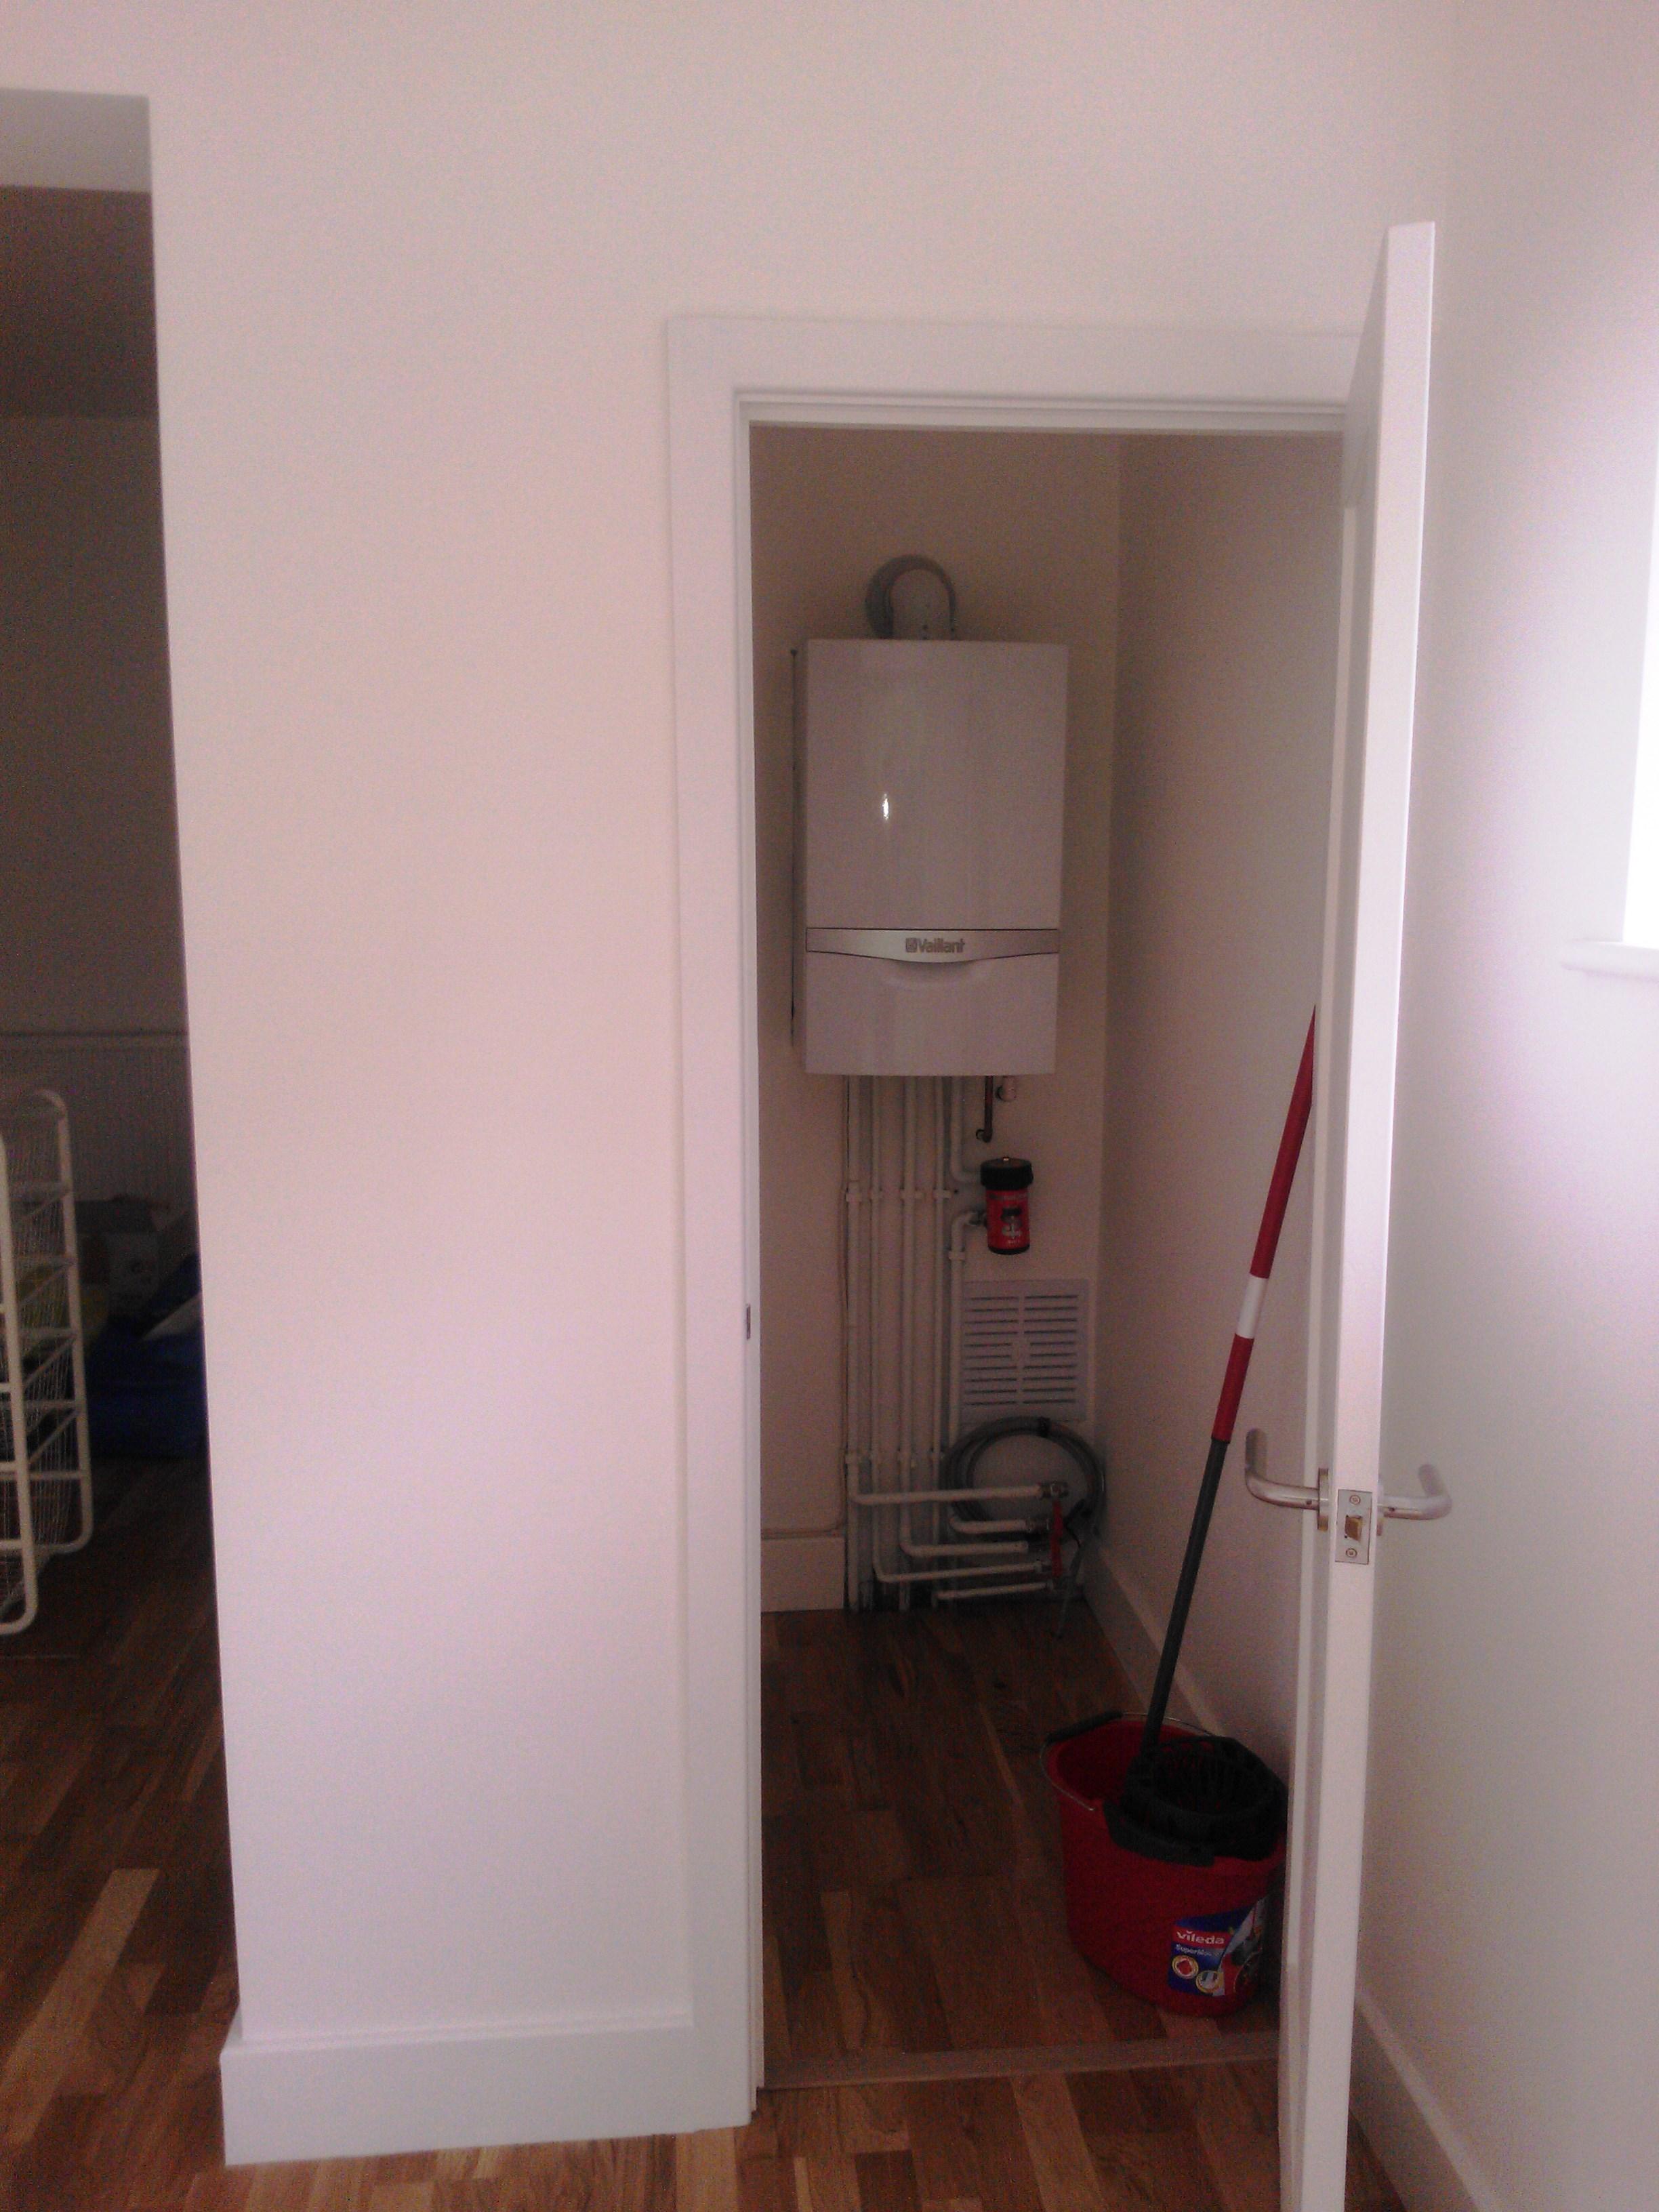 boiler room after (2)